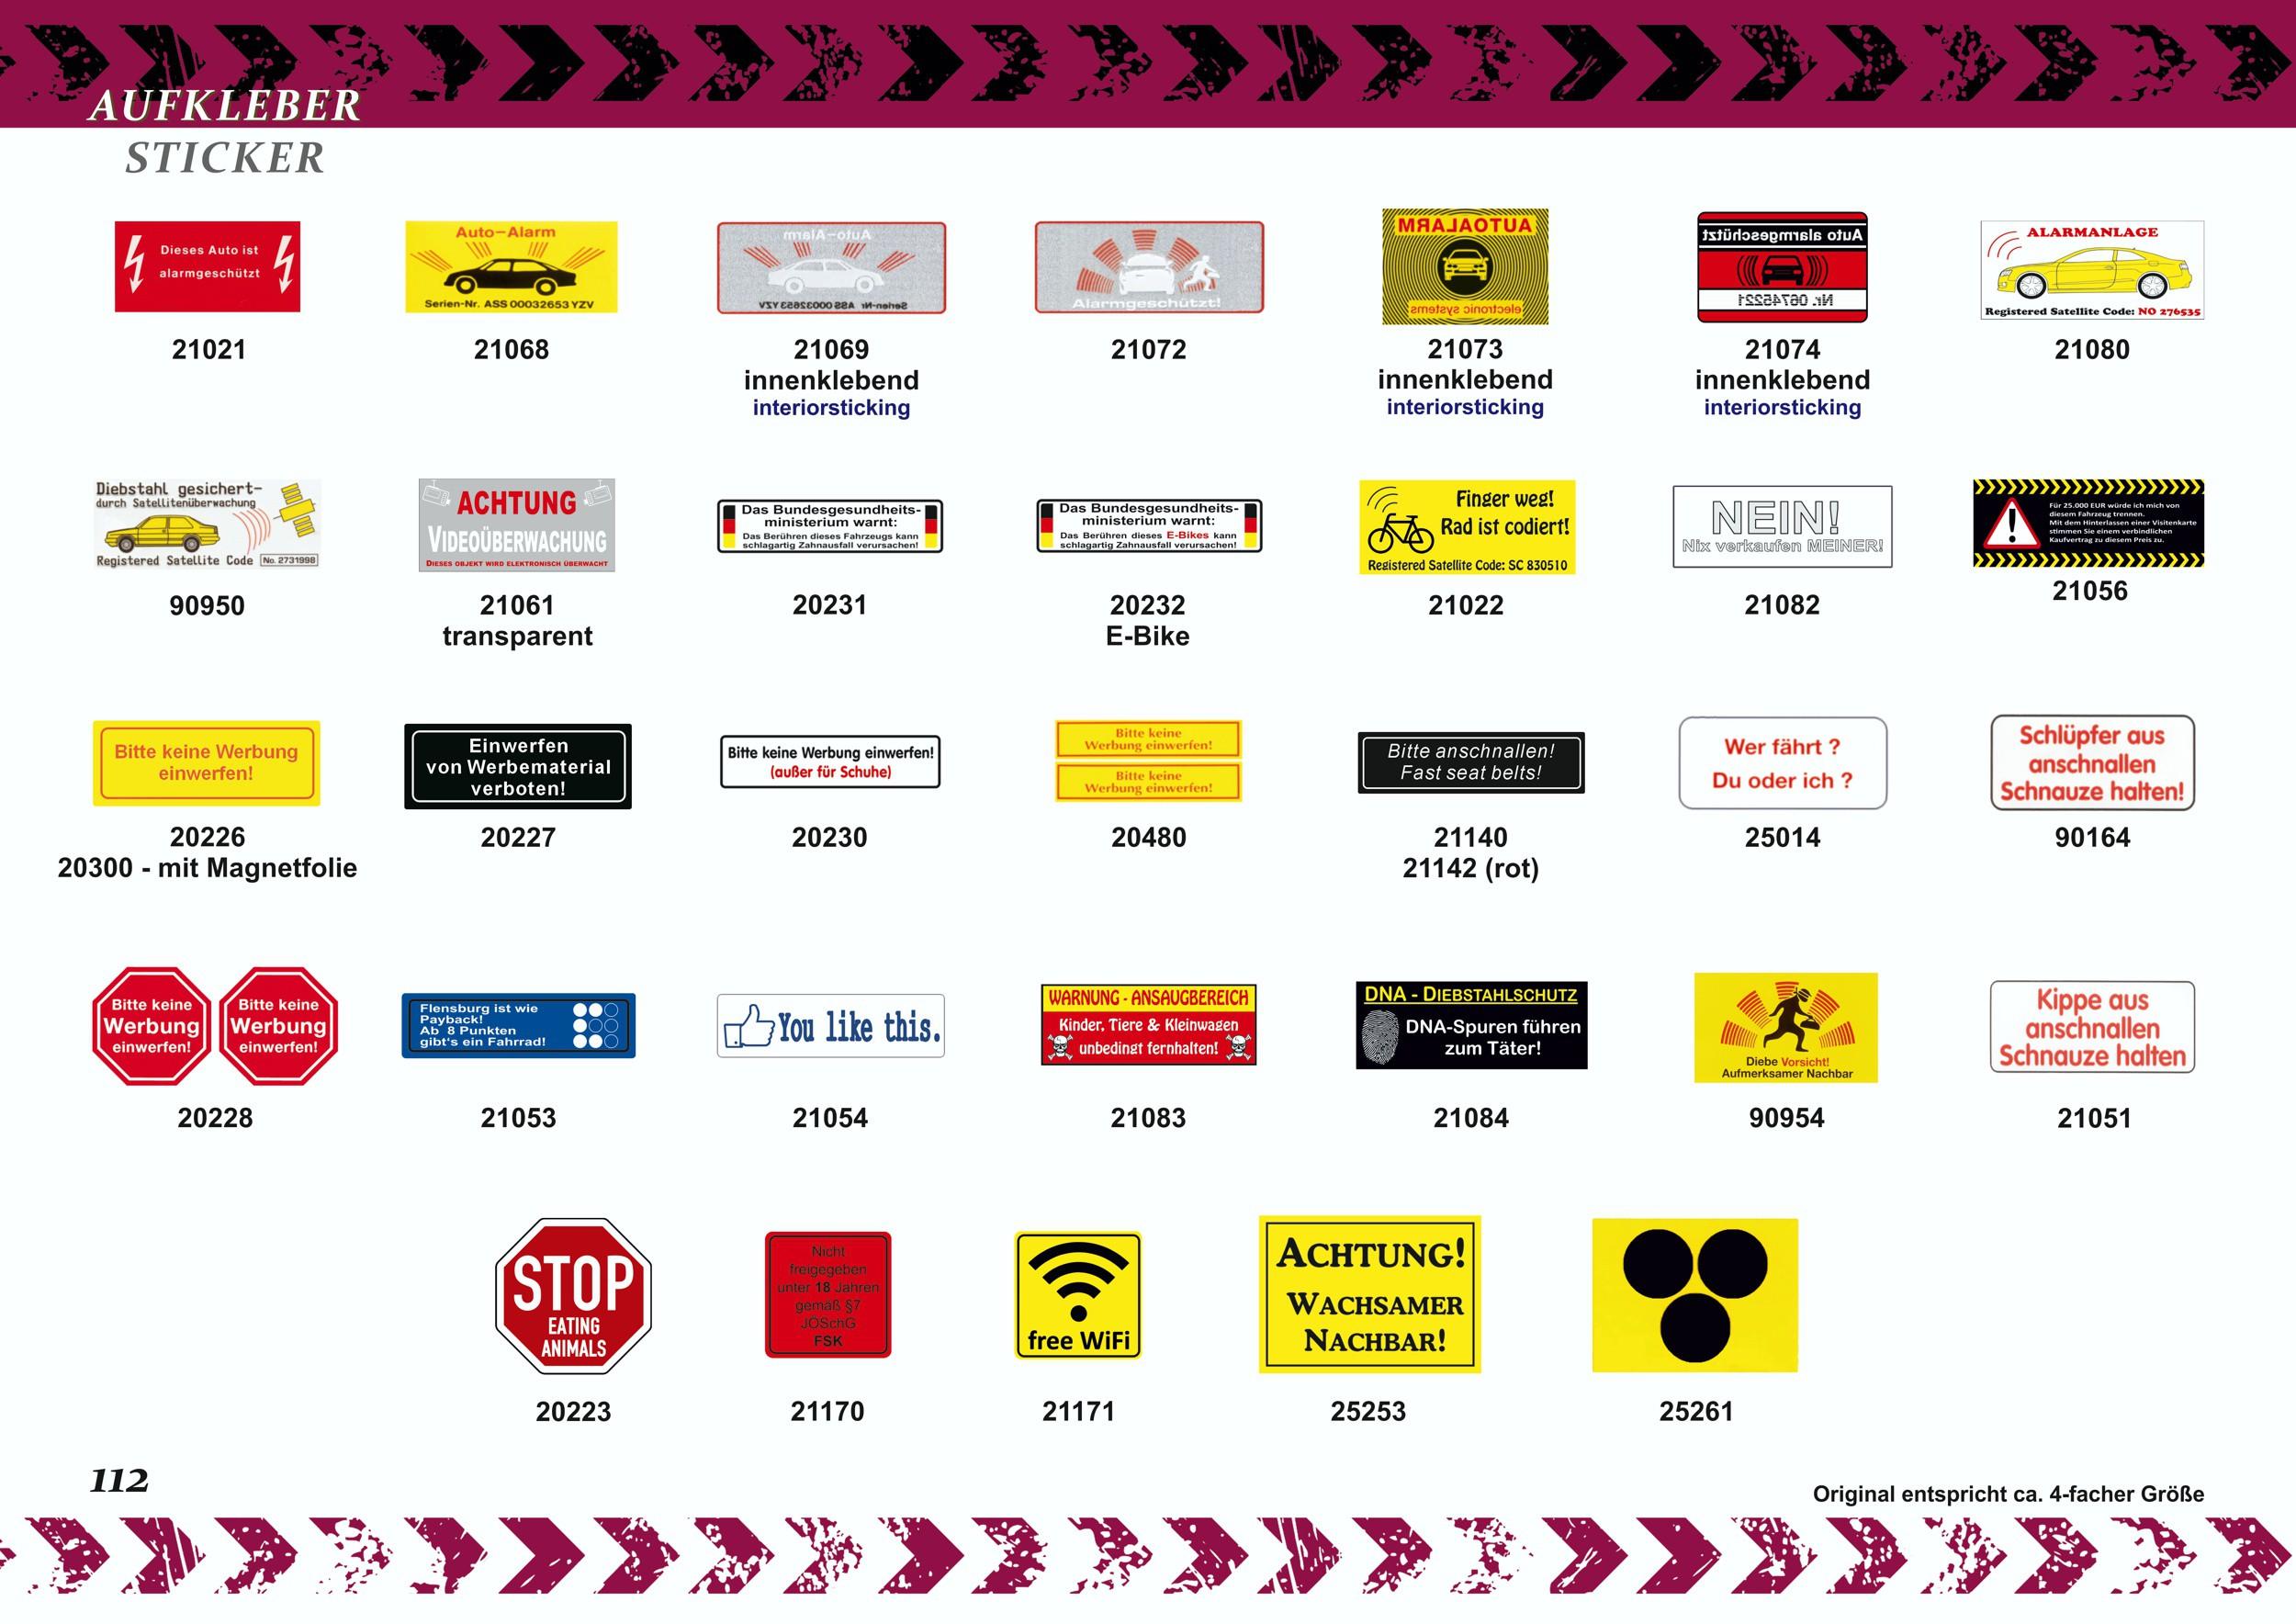 Autocollant Auto-Alarm- electronic systemsadhérent à l'intérieur 75 x 50 mm – Bild 5